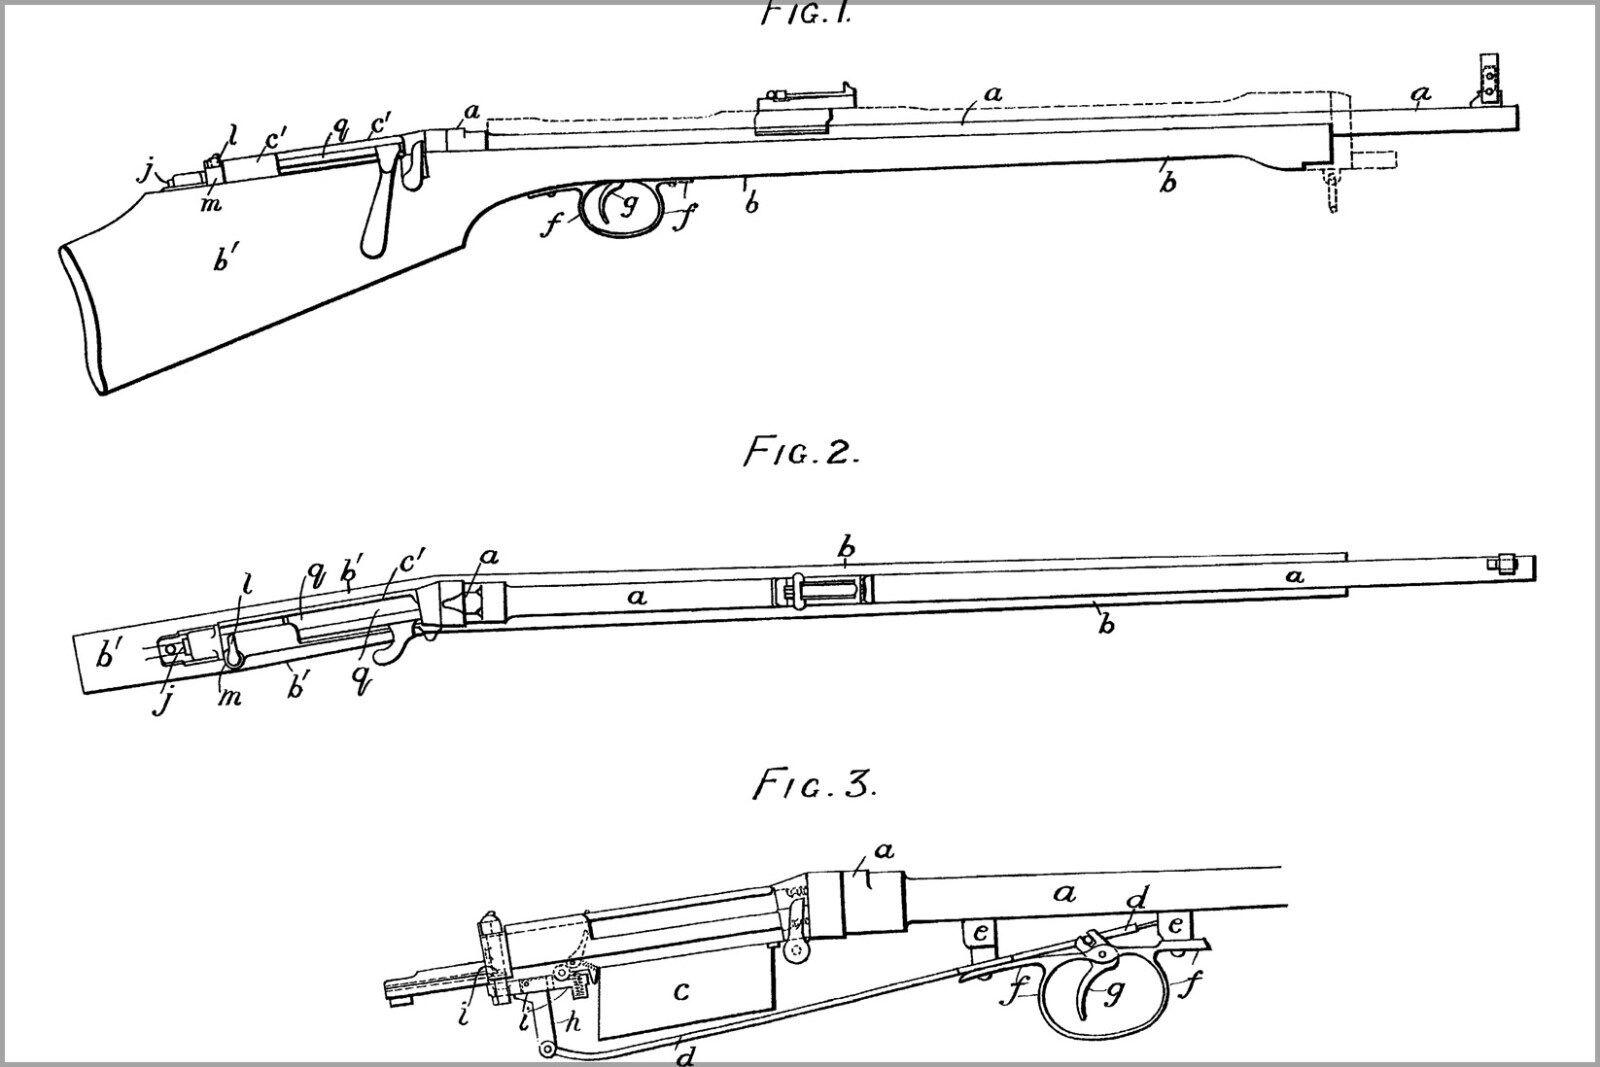 Plakat, Viele Größen; Thorneycroft Karabiner, Patent 14622 Juli 18, 1901